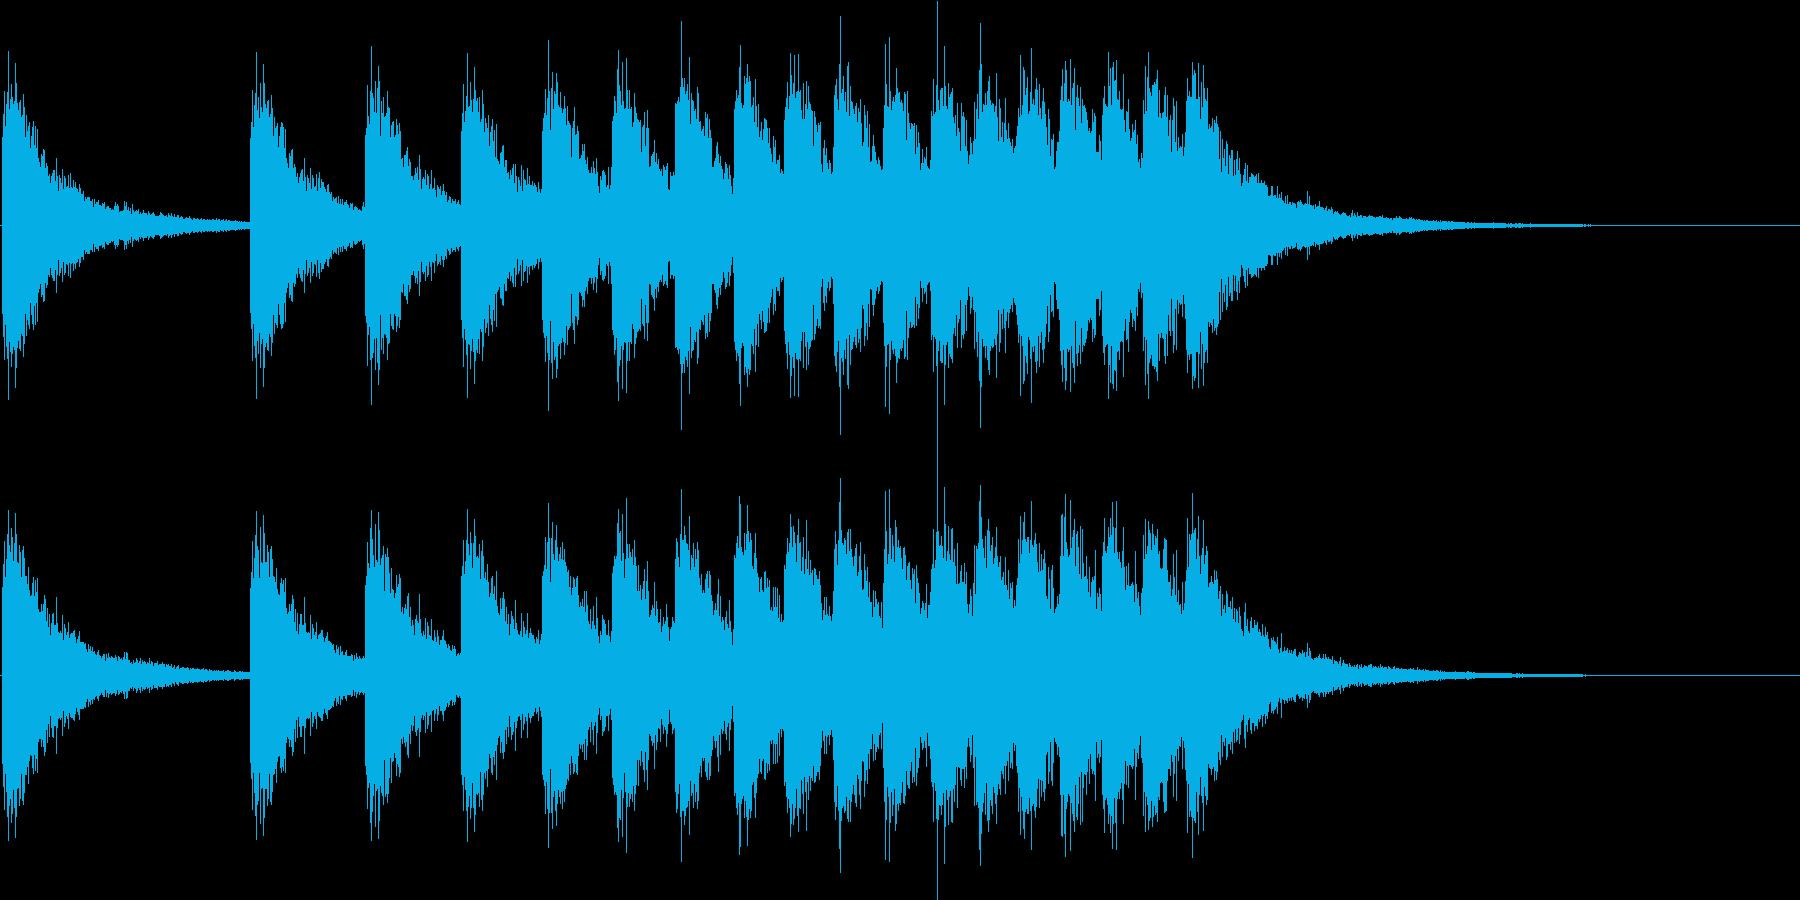 [シャン]中華風シンバル/中国/04の再生済みの波形